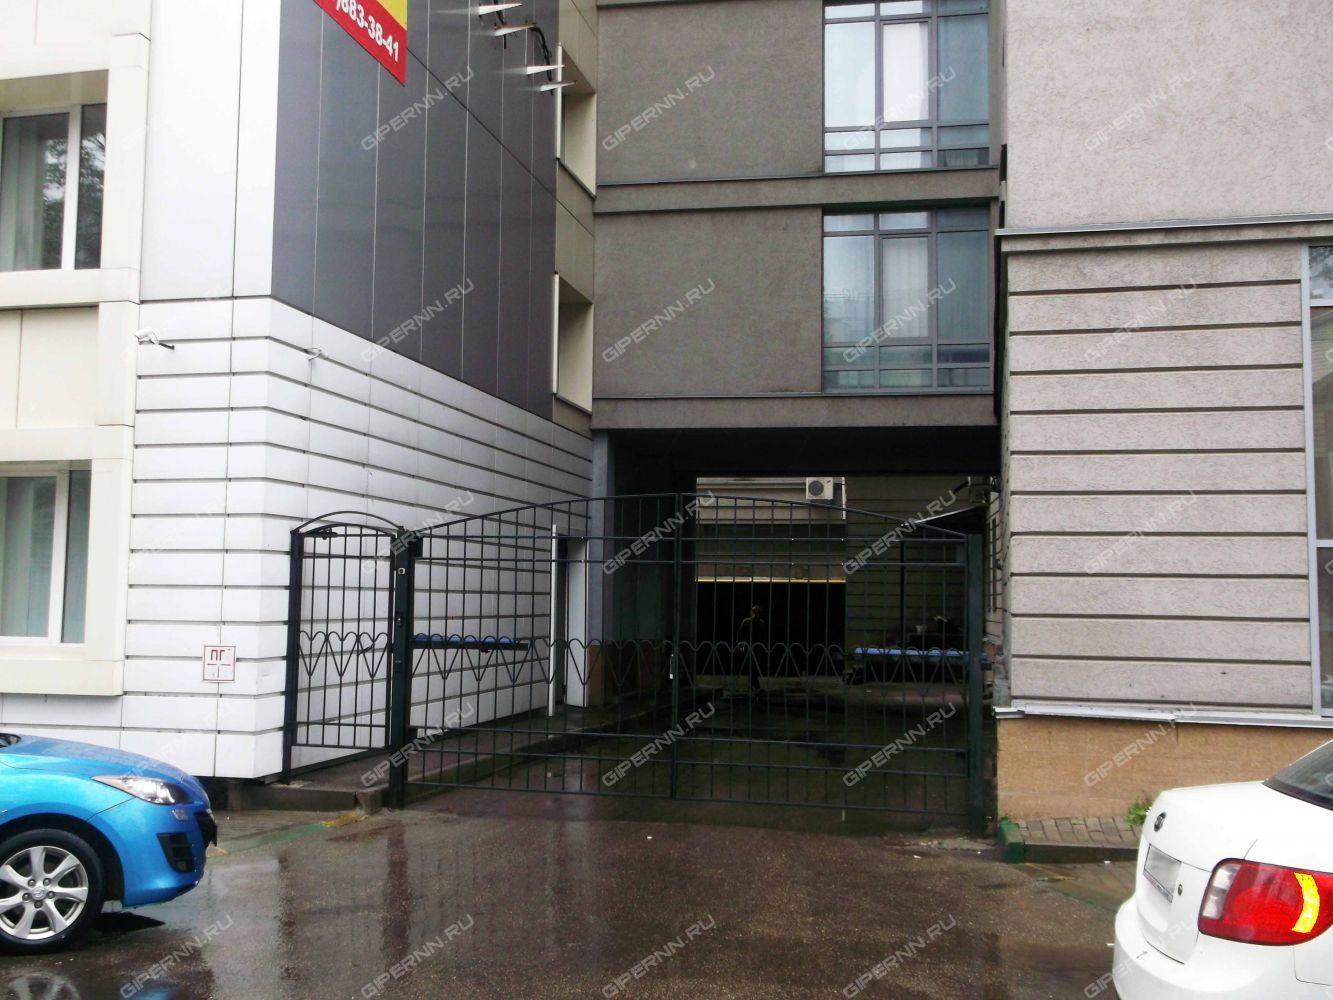 Аренда офисов пискунова 59 портал поиска помещений для офиса Красногвардейская 3-я улица